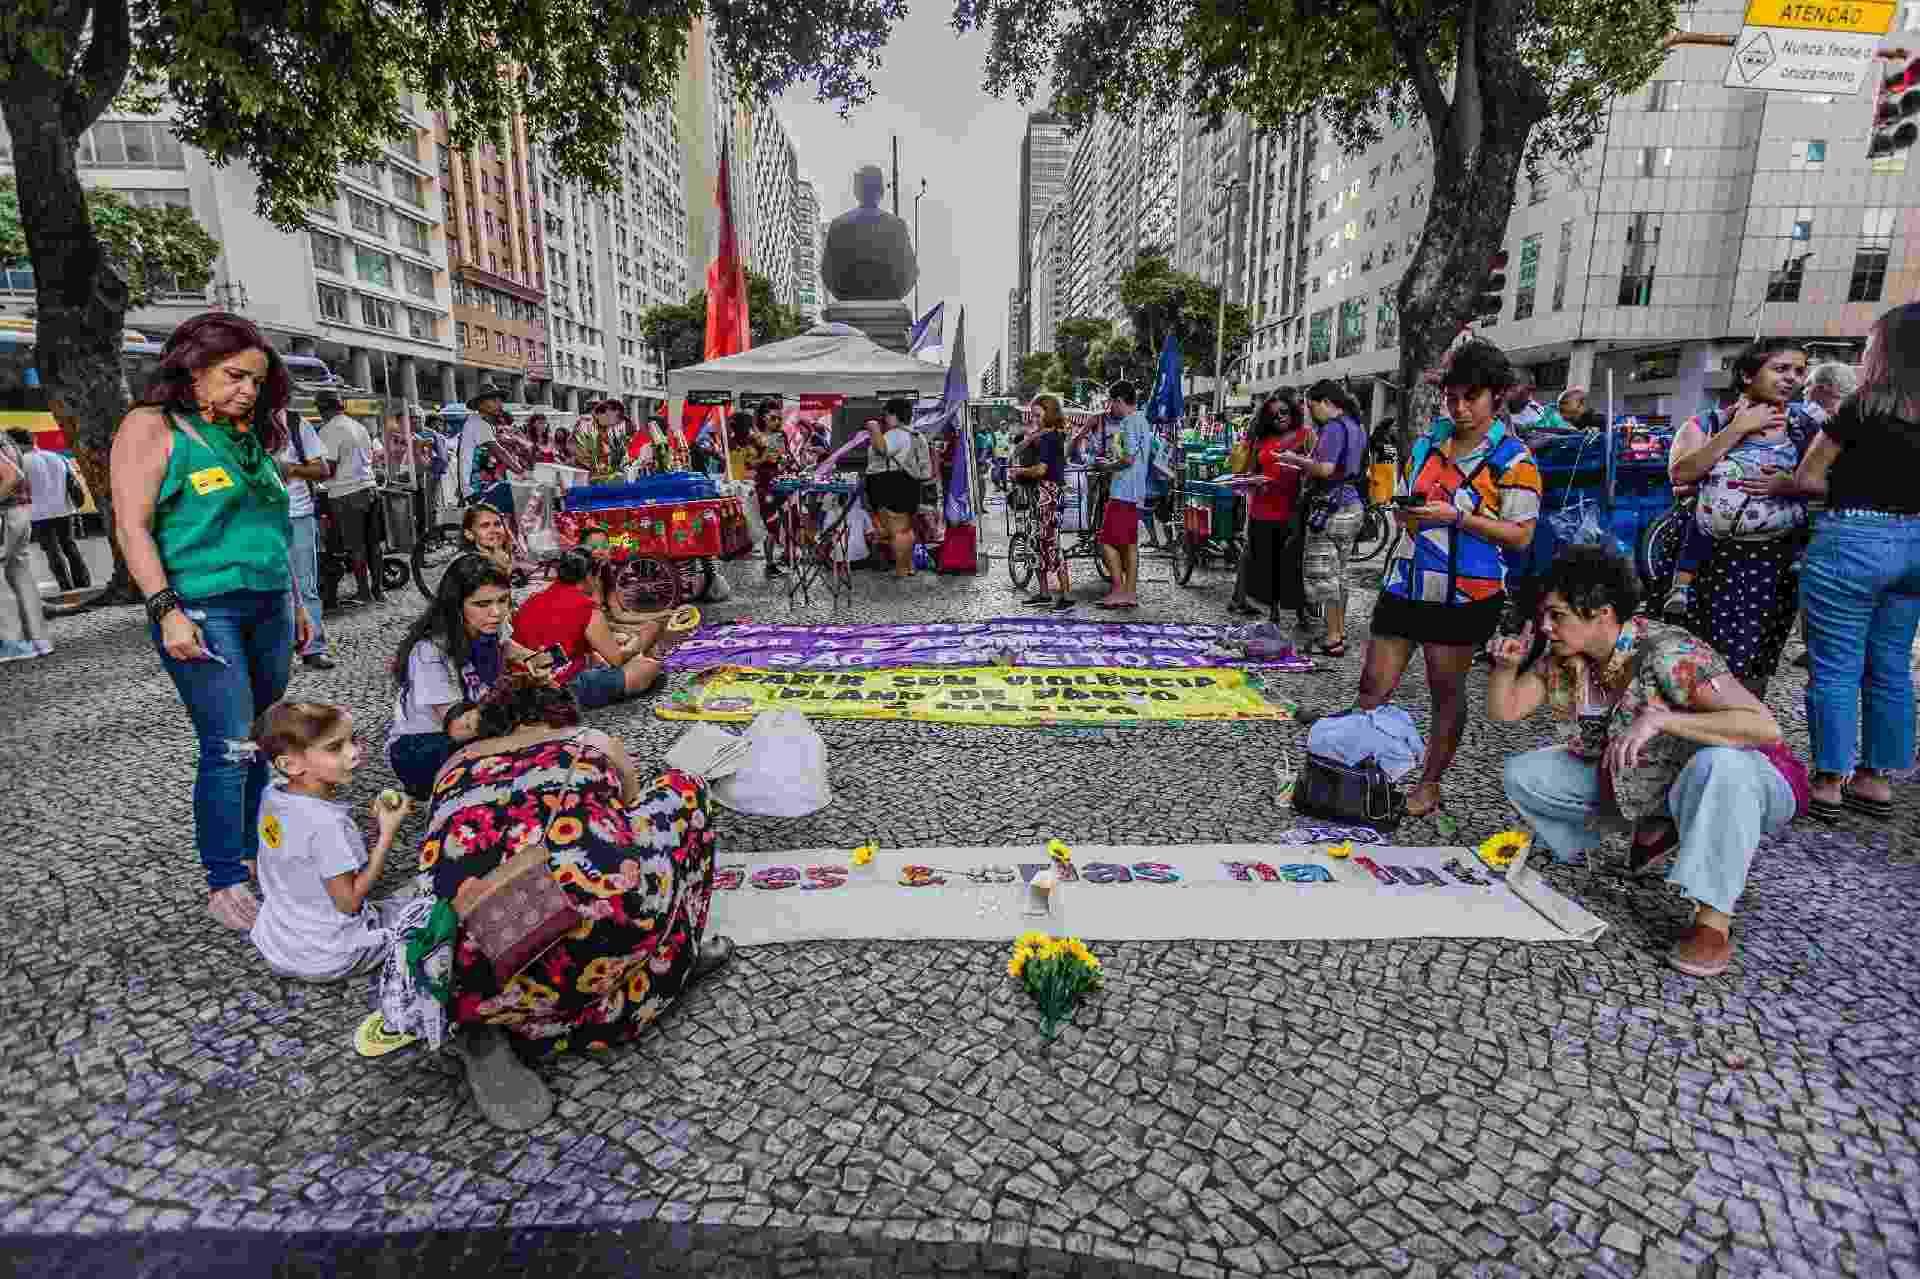 Ato na manhã de hoje começou na Candelária e foi até a Cinelândia, no centro da cidade do Rio de Janeiro - MAGA JR/O FOTOGRÁFICO/ESTADÃO CONTEÚDO